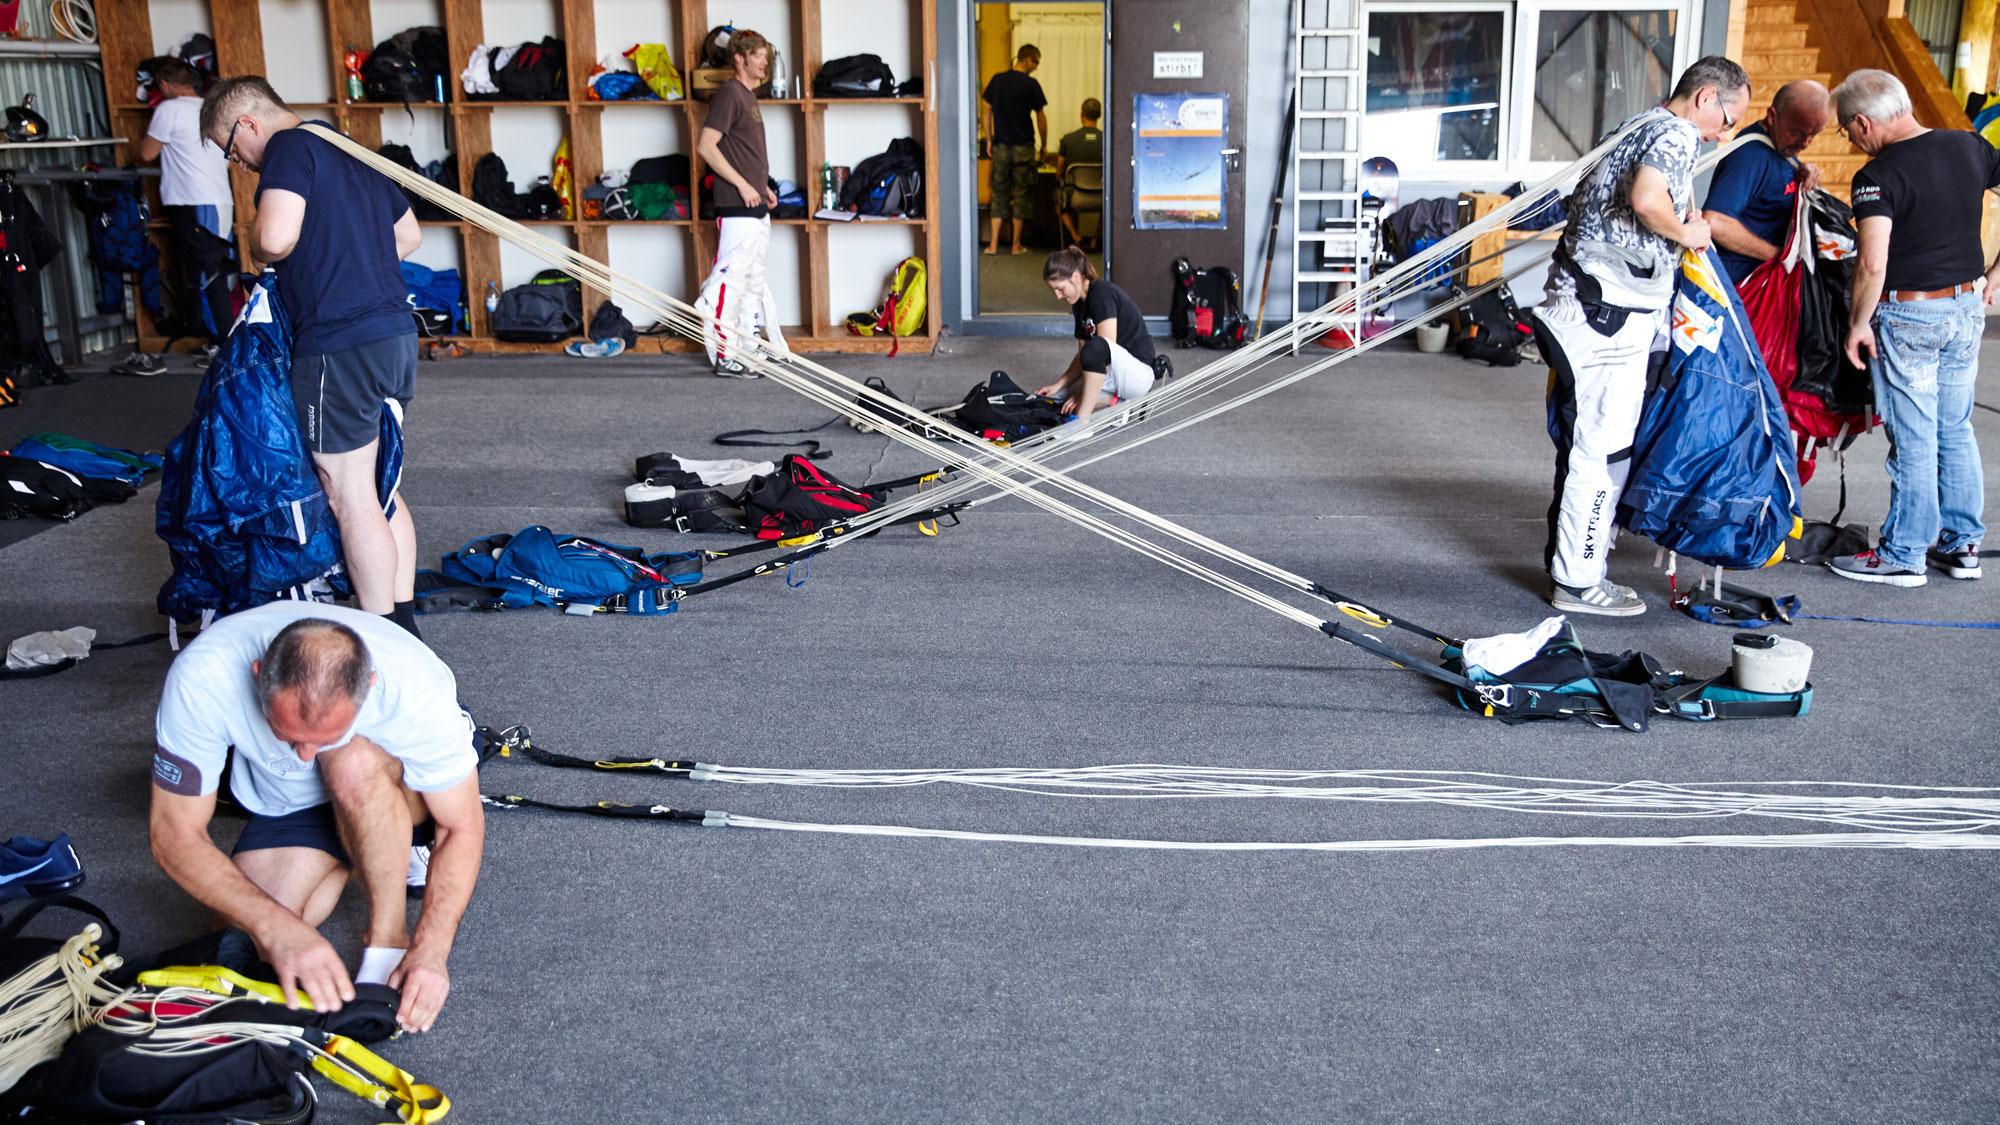 TAKE OFF Fehrbellin - Sportspringer beim gemeinsamen Packen im Hangar